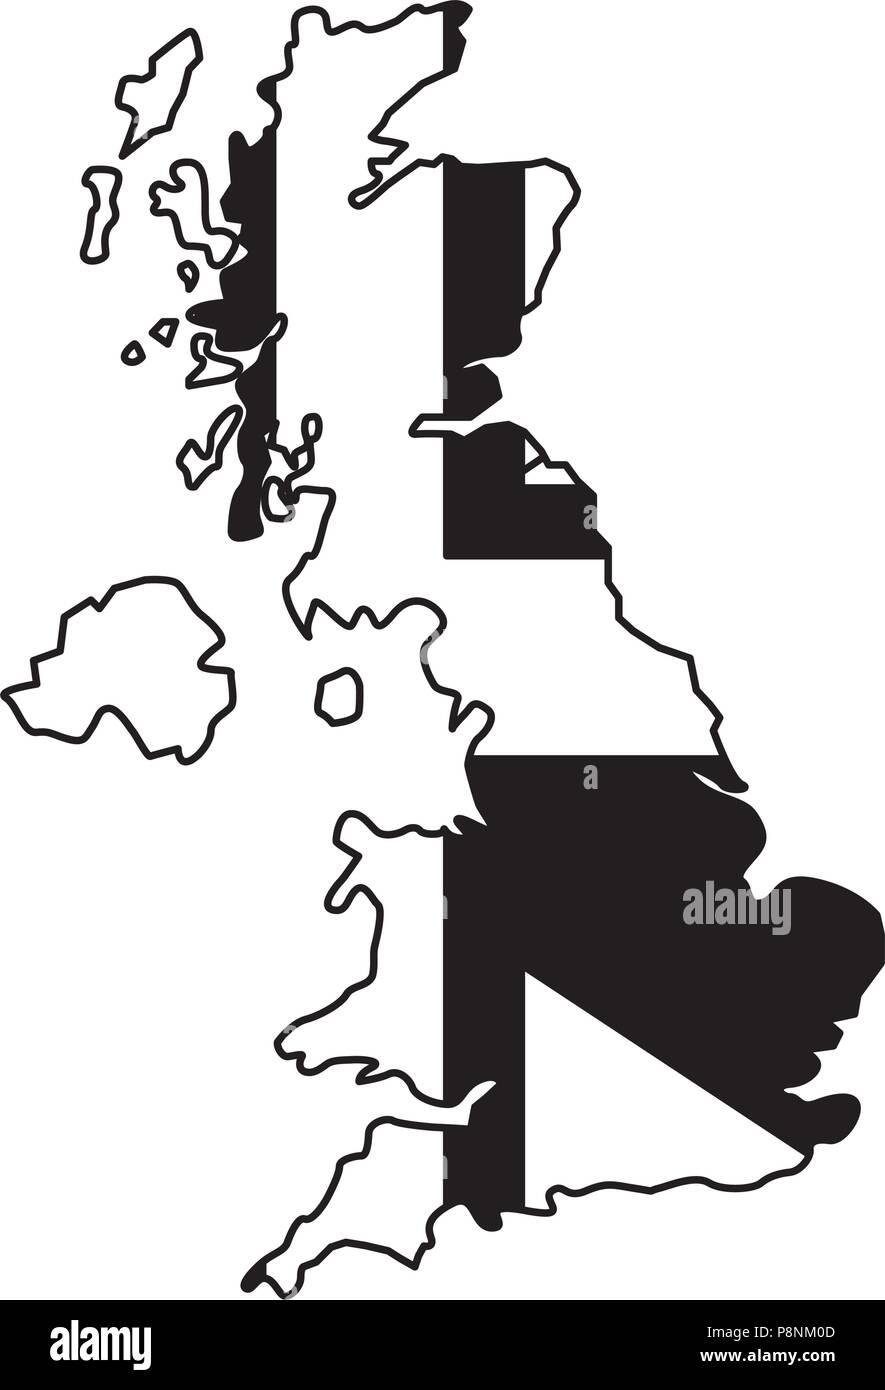 Carte Royaume Uni Noir Et Blanc.Drapeau Royaume Uni Pays Carte En Noir Et Blanc D